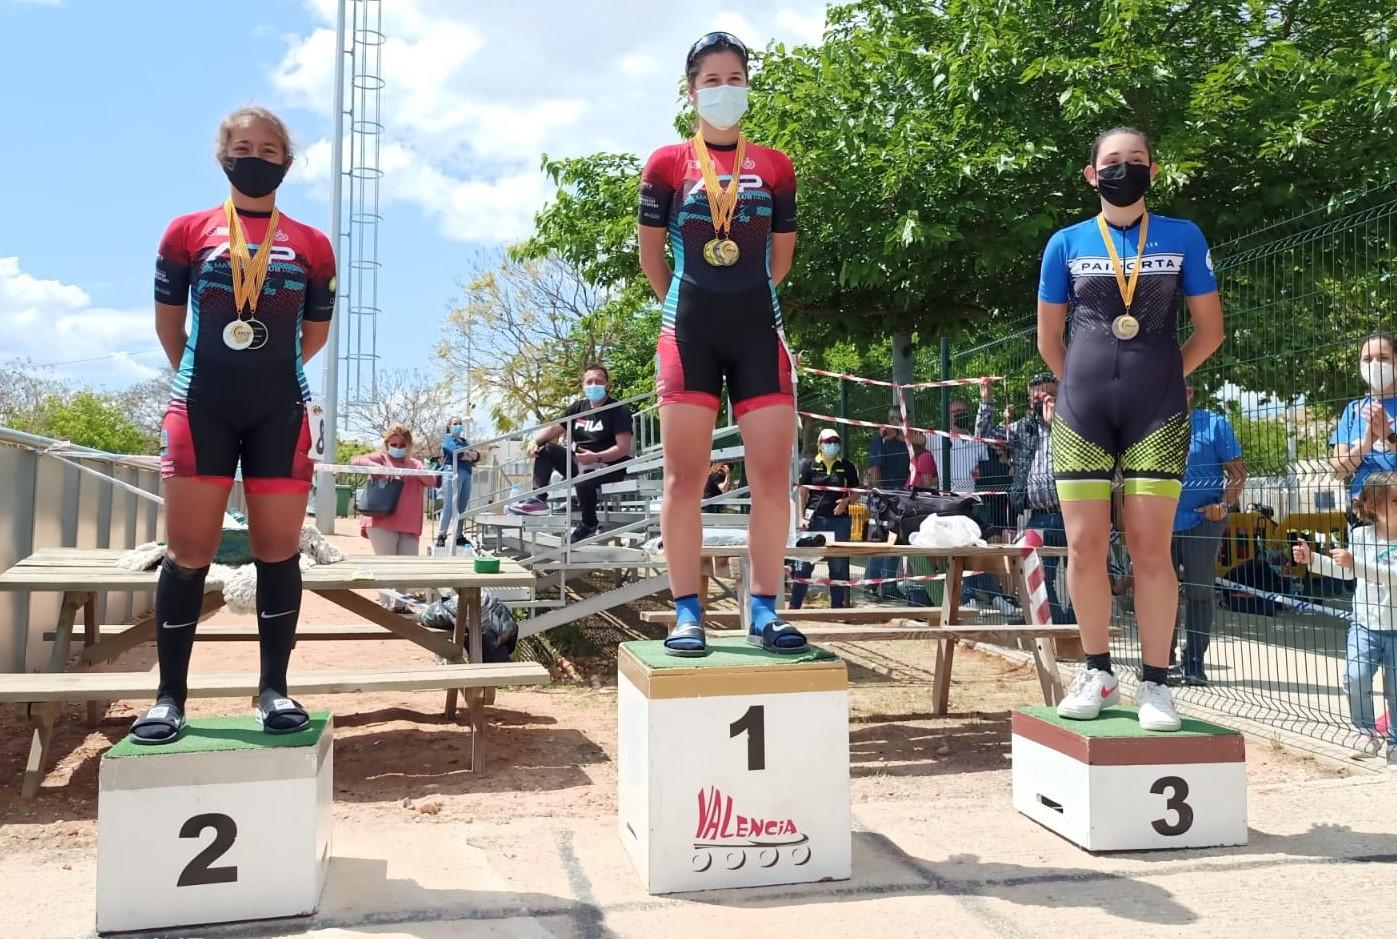 Campeonato Autonómico Comunidad Valenciana 2021 Carmen Cortijo